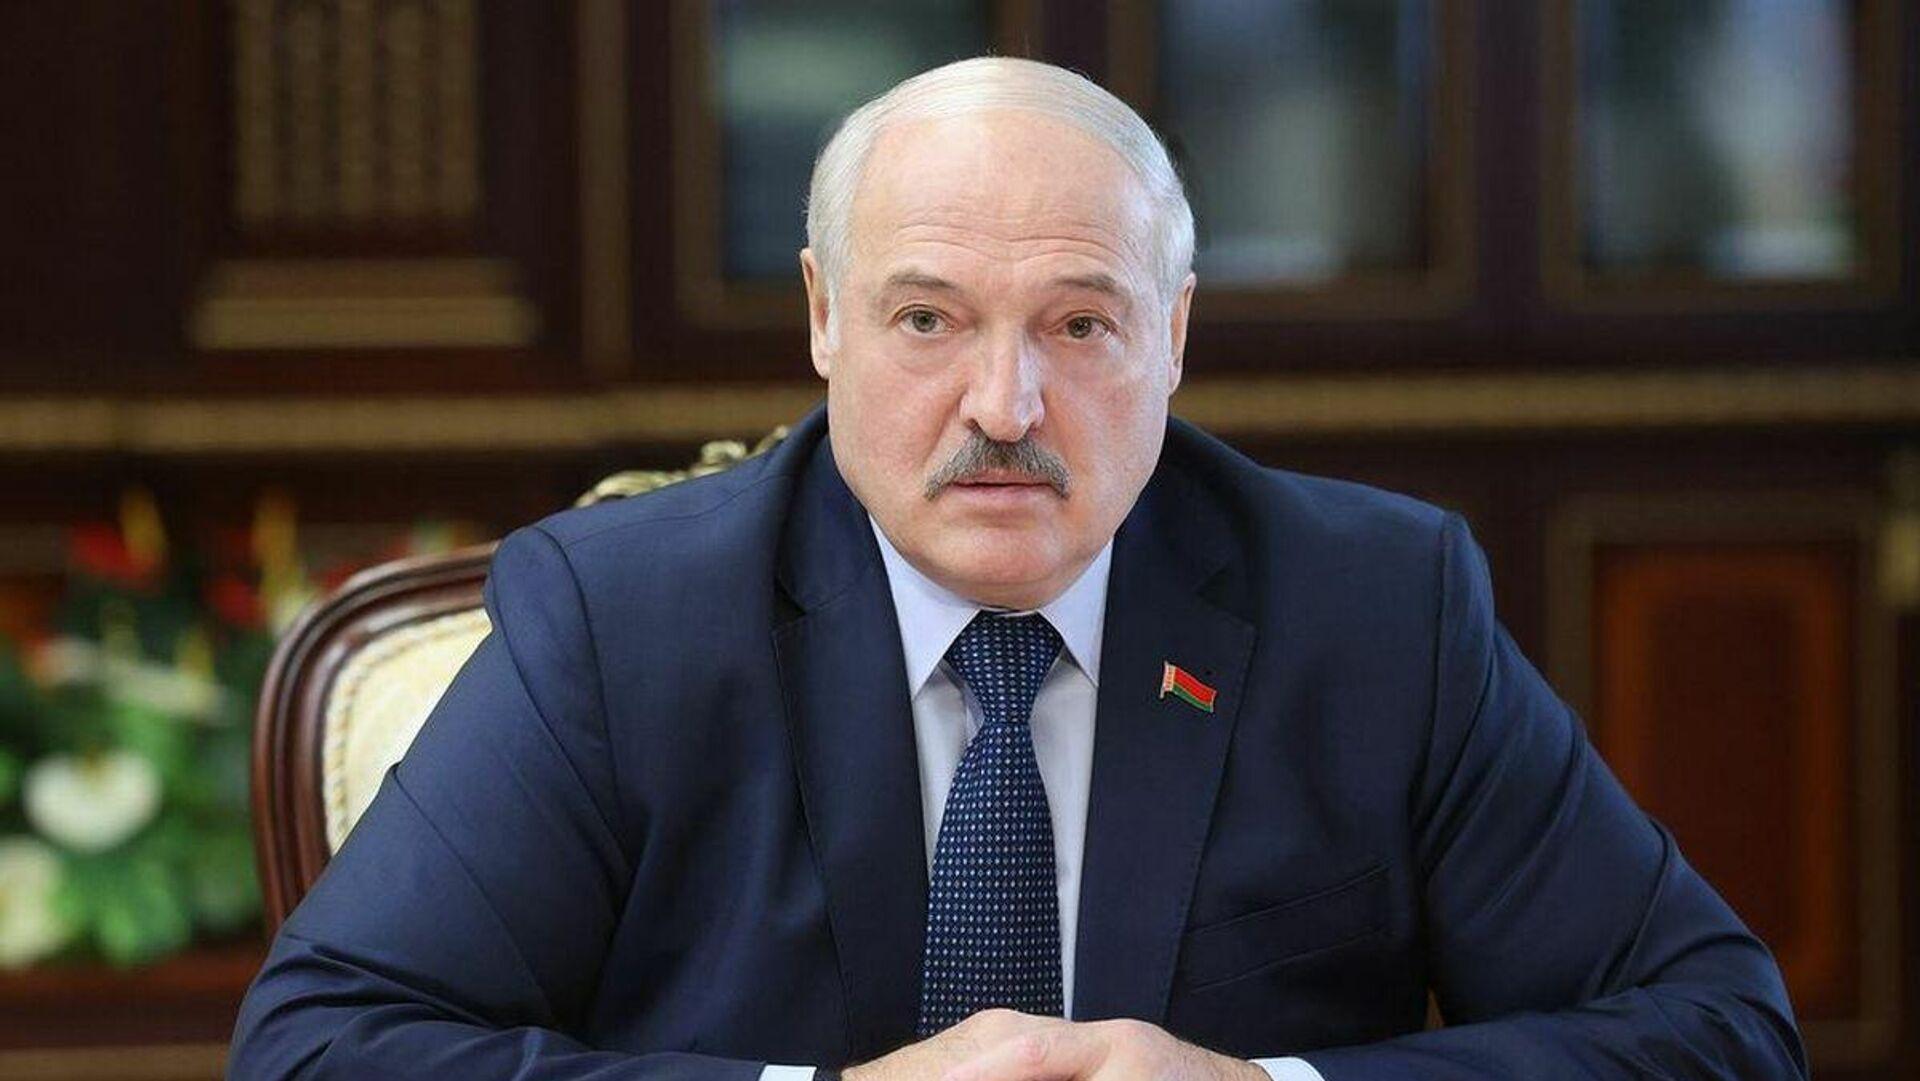 Прэзідэнт Рэспублікі Беларусь Аляксандр Лукашэнка - Sputnik Беларусь, 1920, 05.08.2021